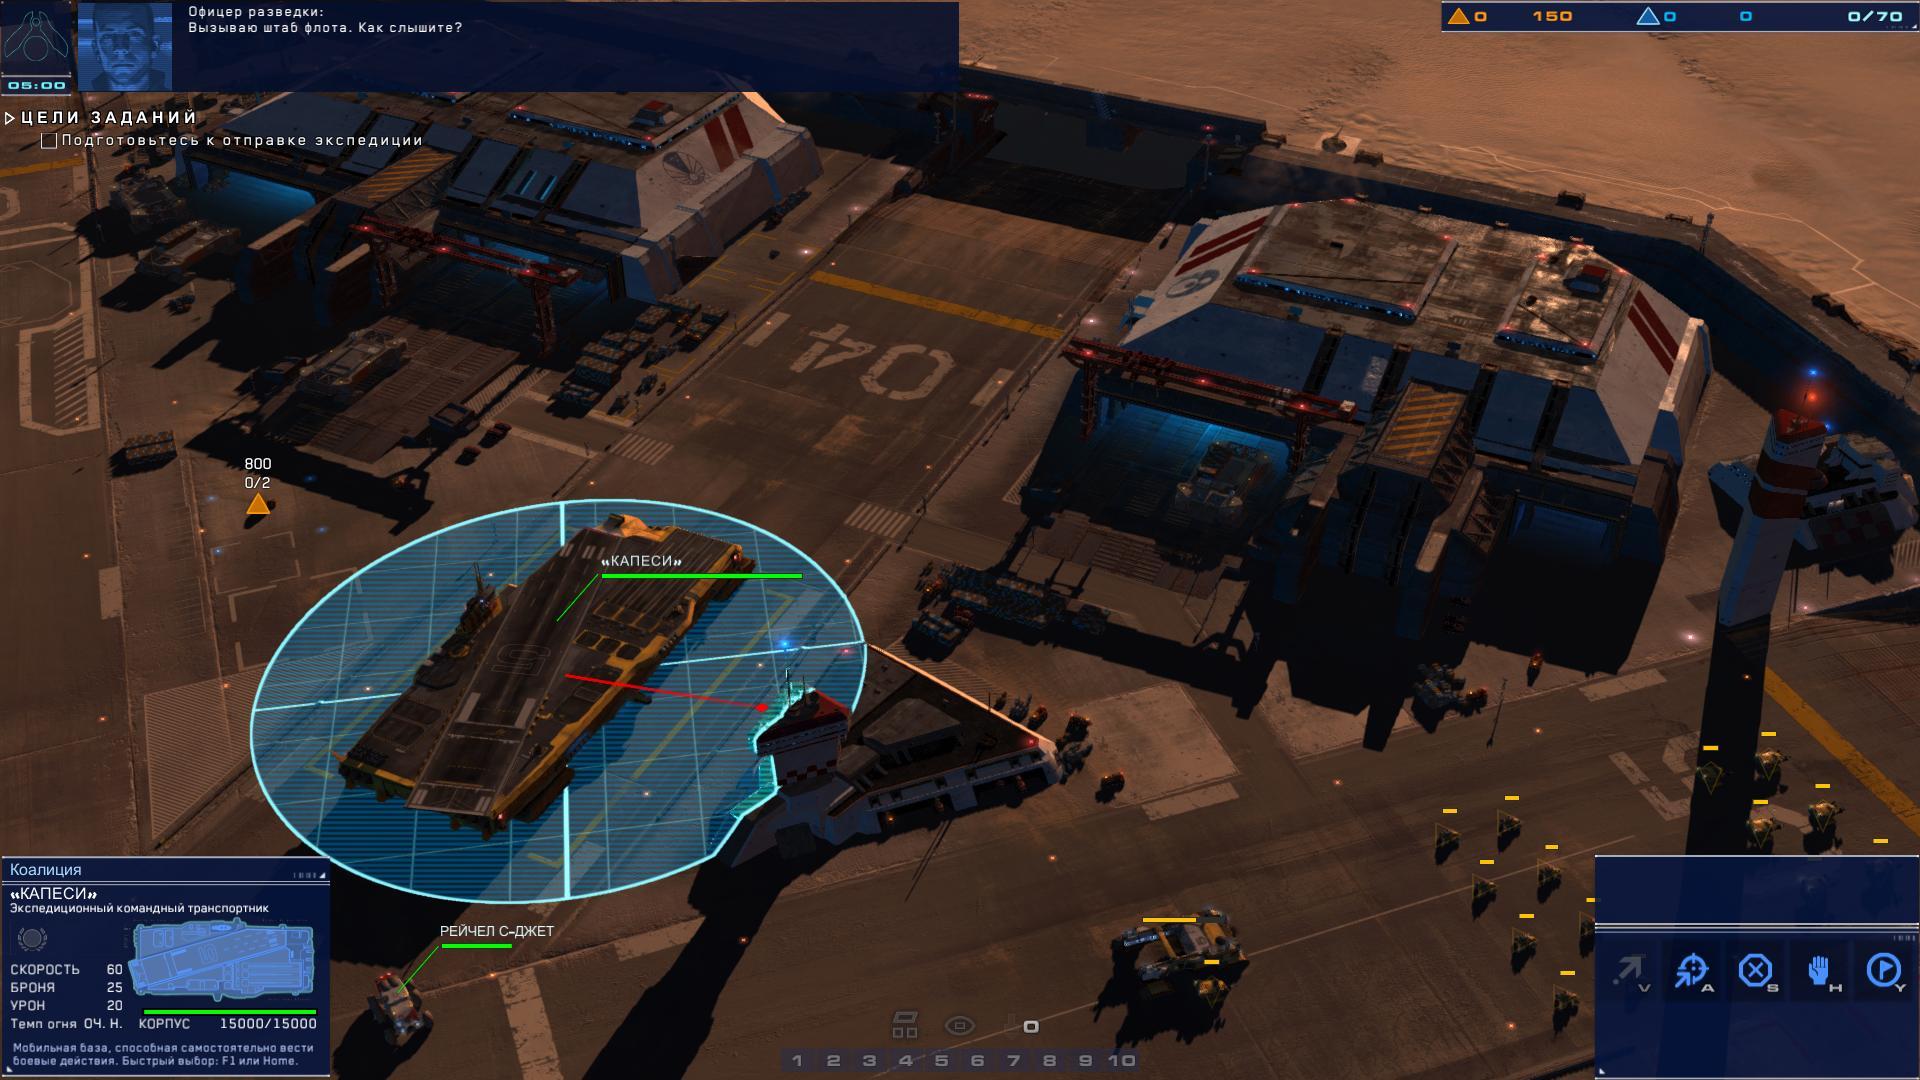 Скриншоты к Homeworld: Deserts of Kharak v1.3.0 + 3 DLC на русском языке